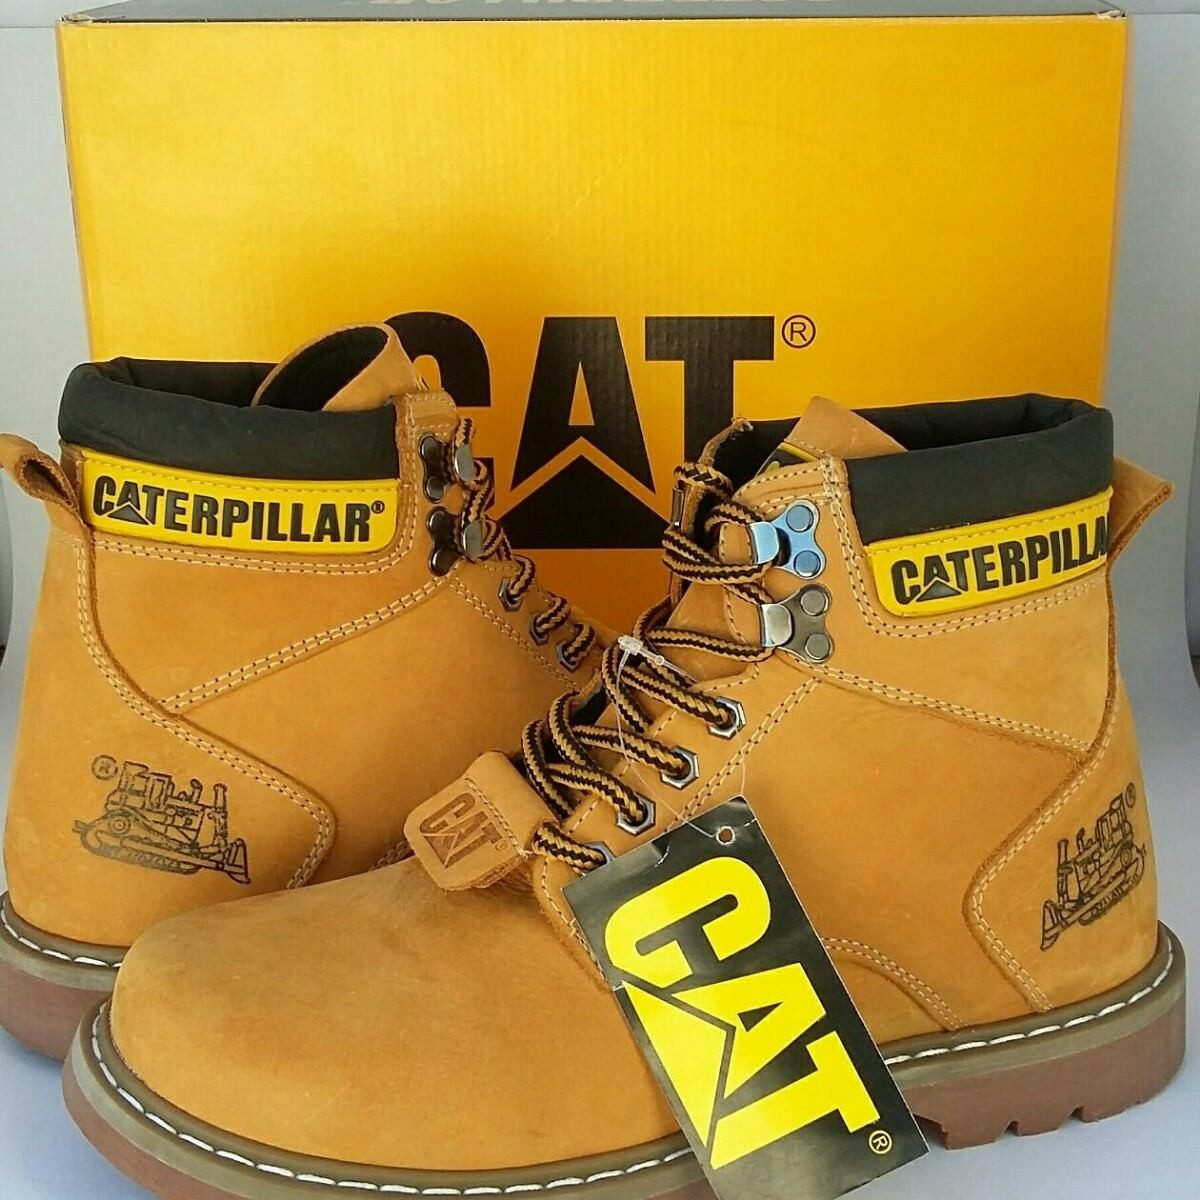 c988b81861 bota coturno caterpillar mans cat original couro legítimo. Carregando zoom.